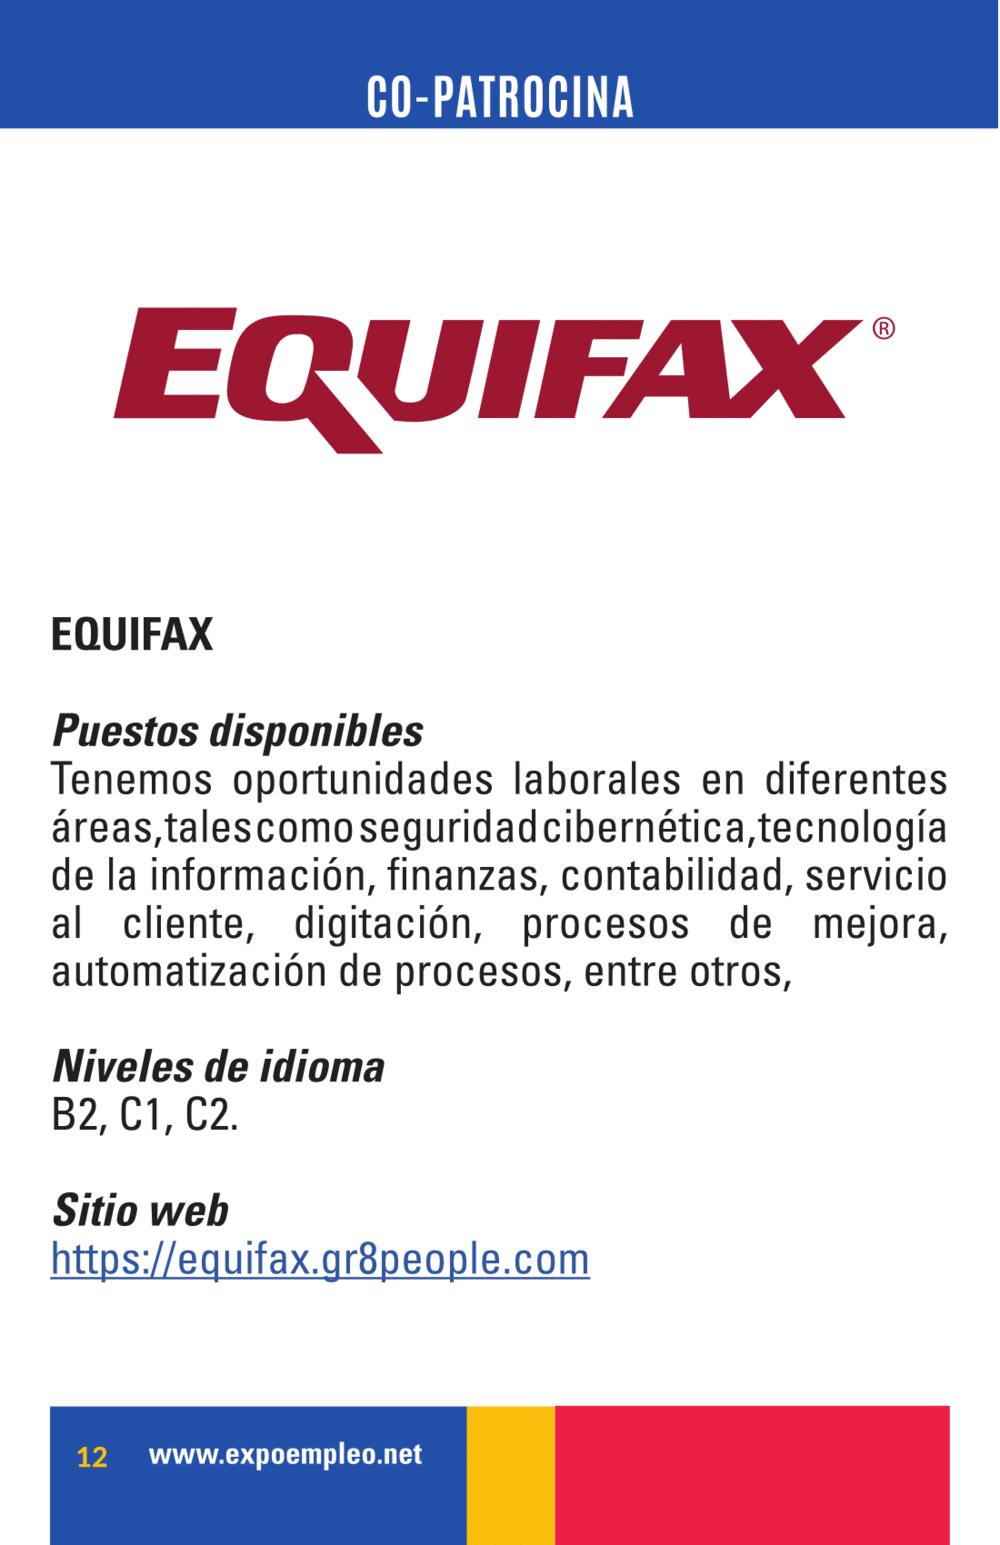 EXM Directorio EBOOK (1)-12.png